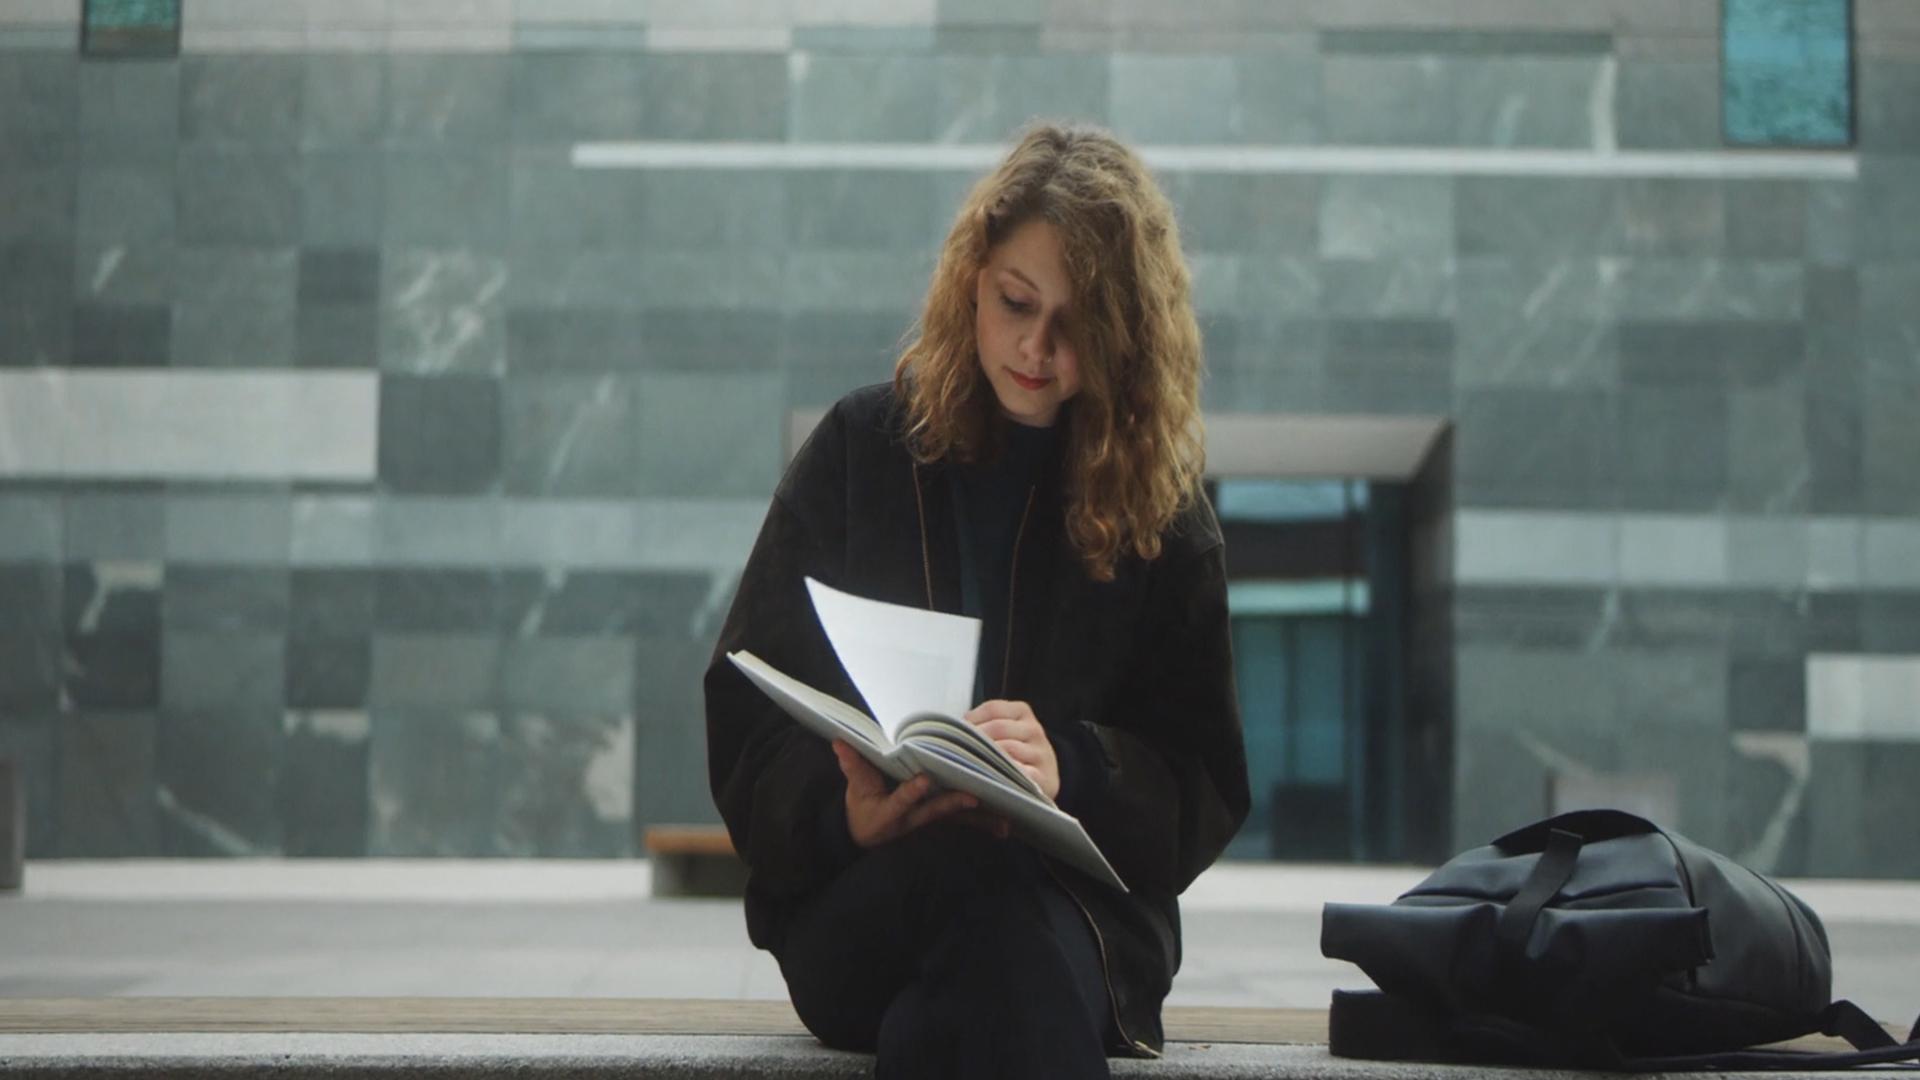 Filmproduktion Imagefilm Universität Leipzig Stadt Frau liest Buch auf Campus